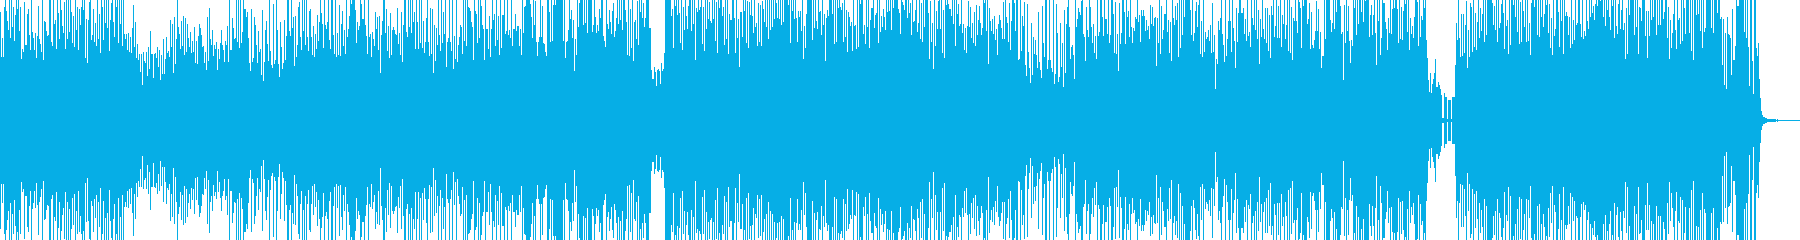 クセになるメロディの三味線テクノ 短尺の再生済みの波形